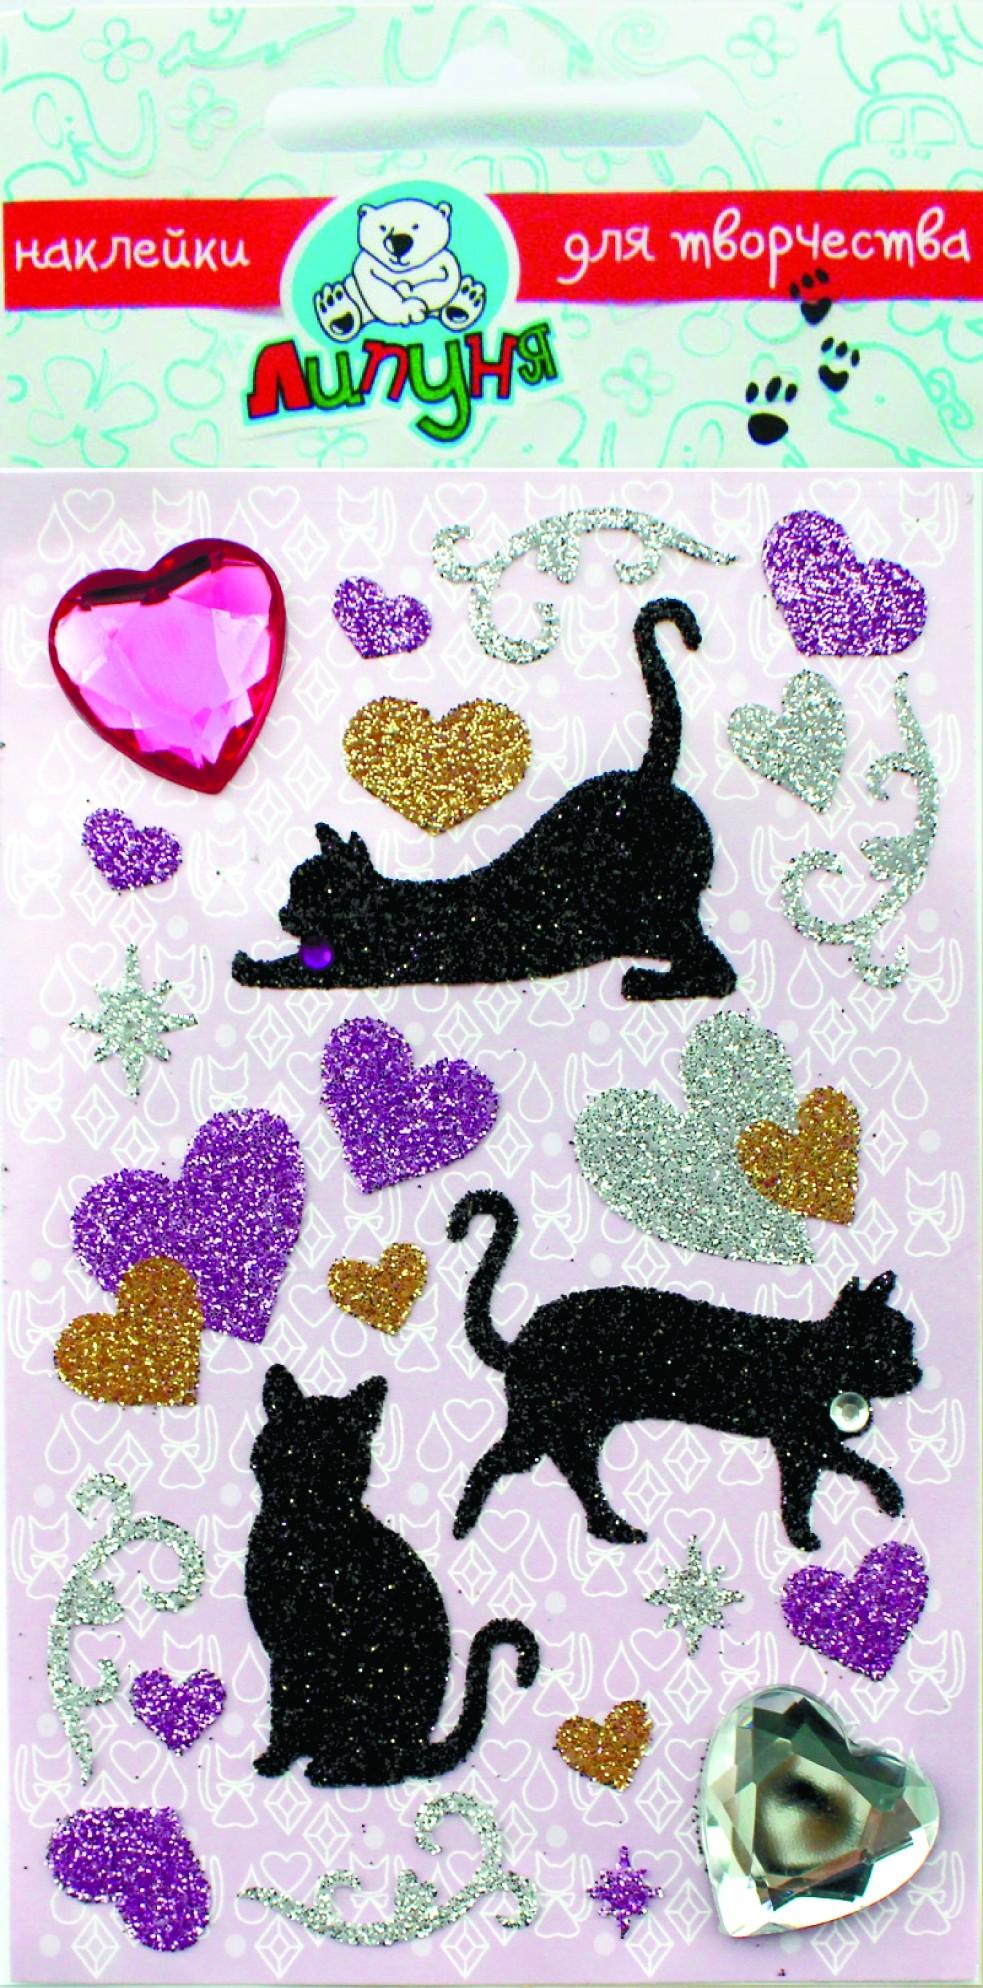 детские наклейки Наклейки Липуня детские Кошки с сердцами с блестками